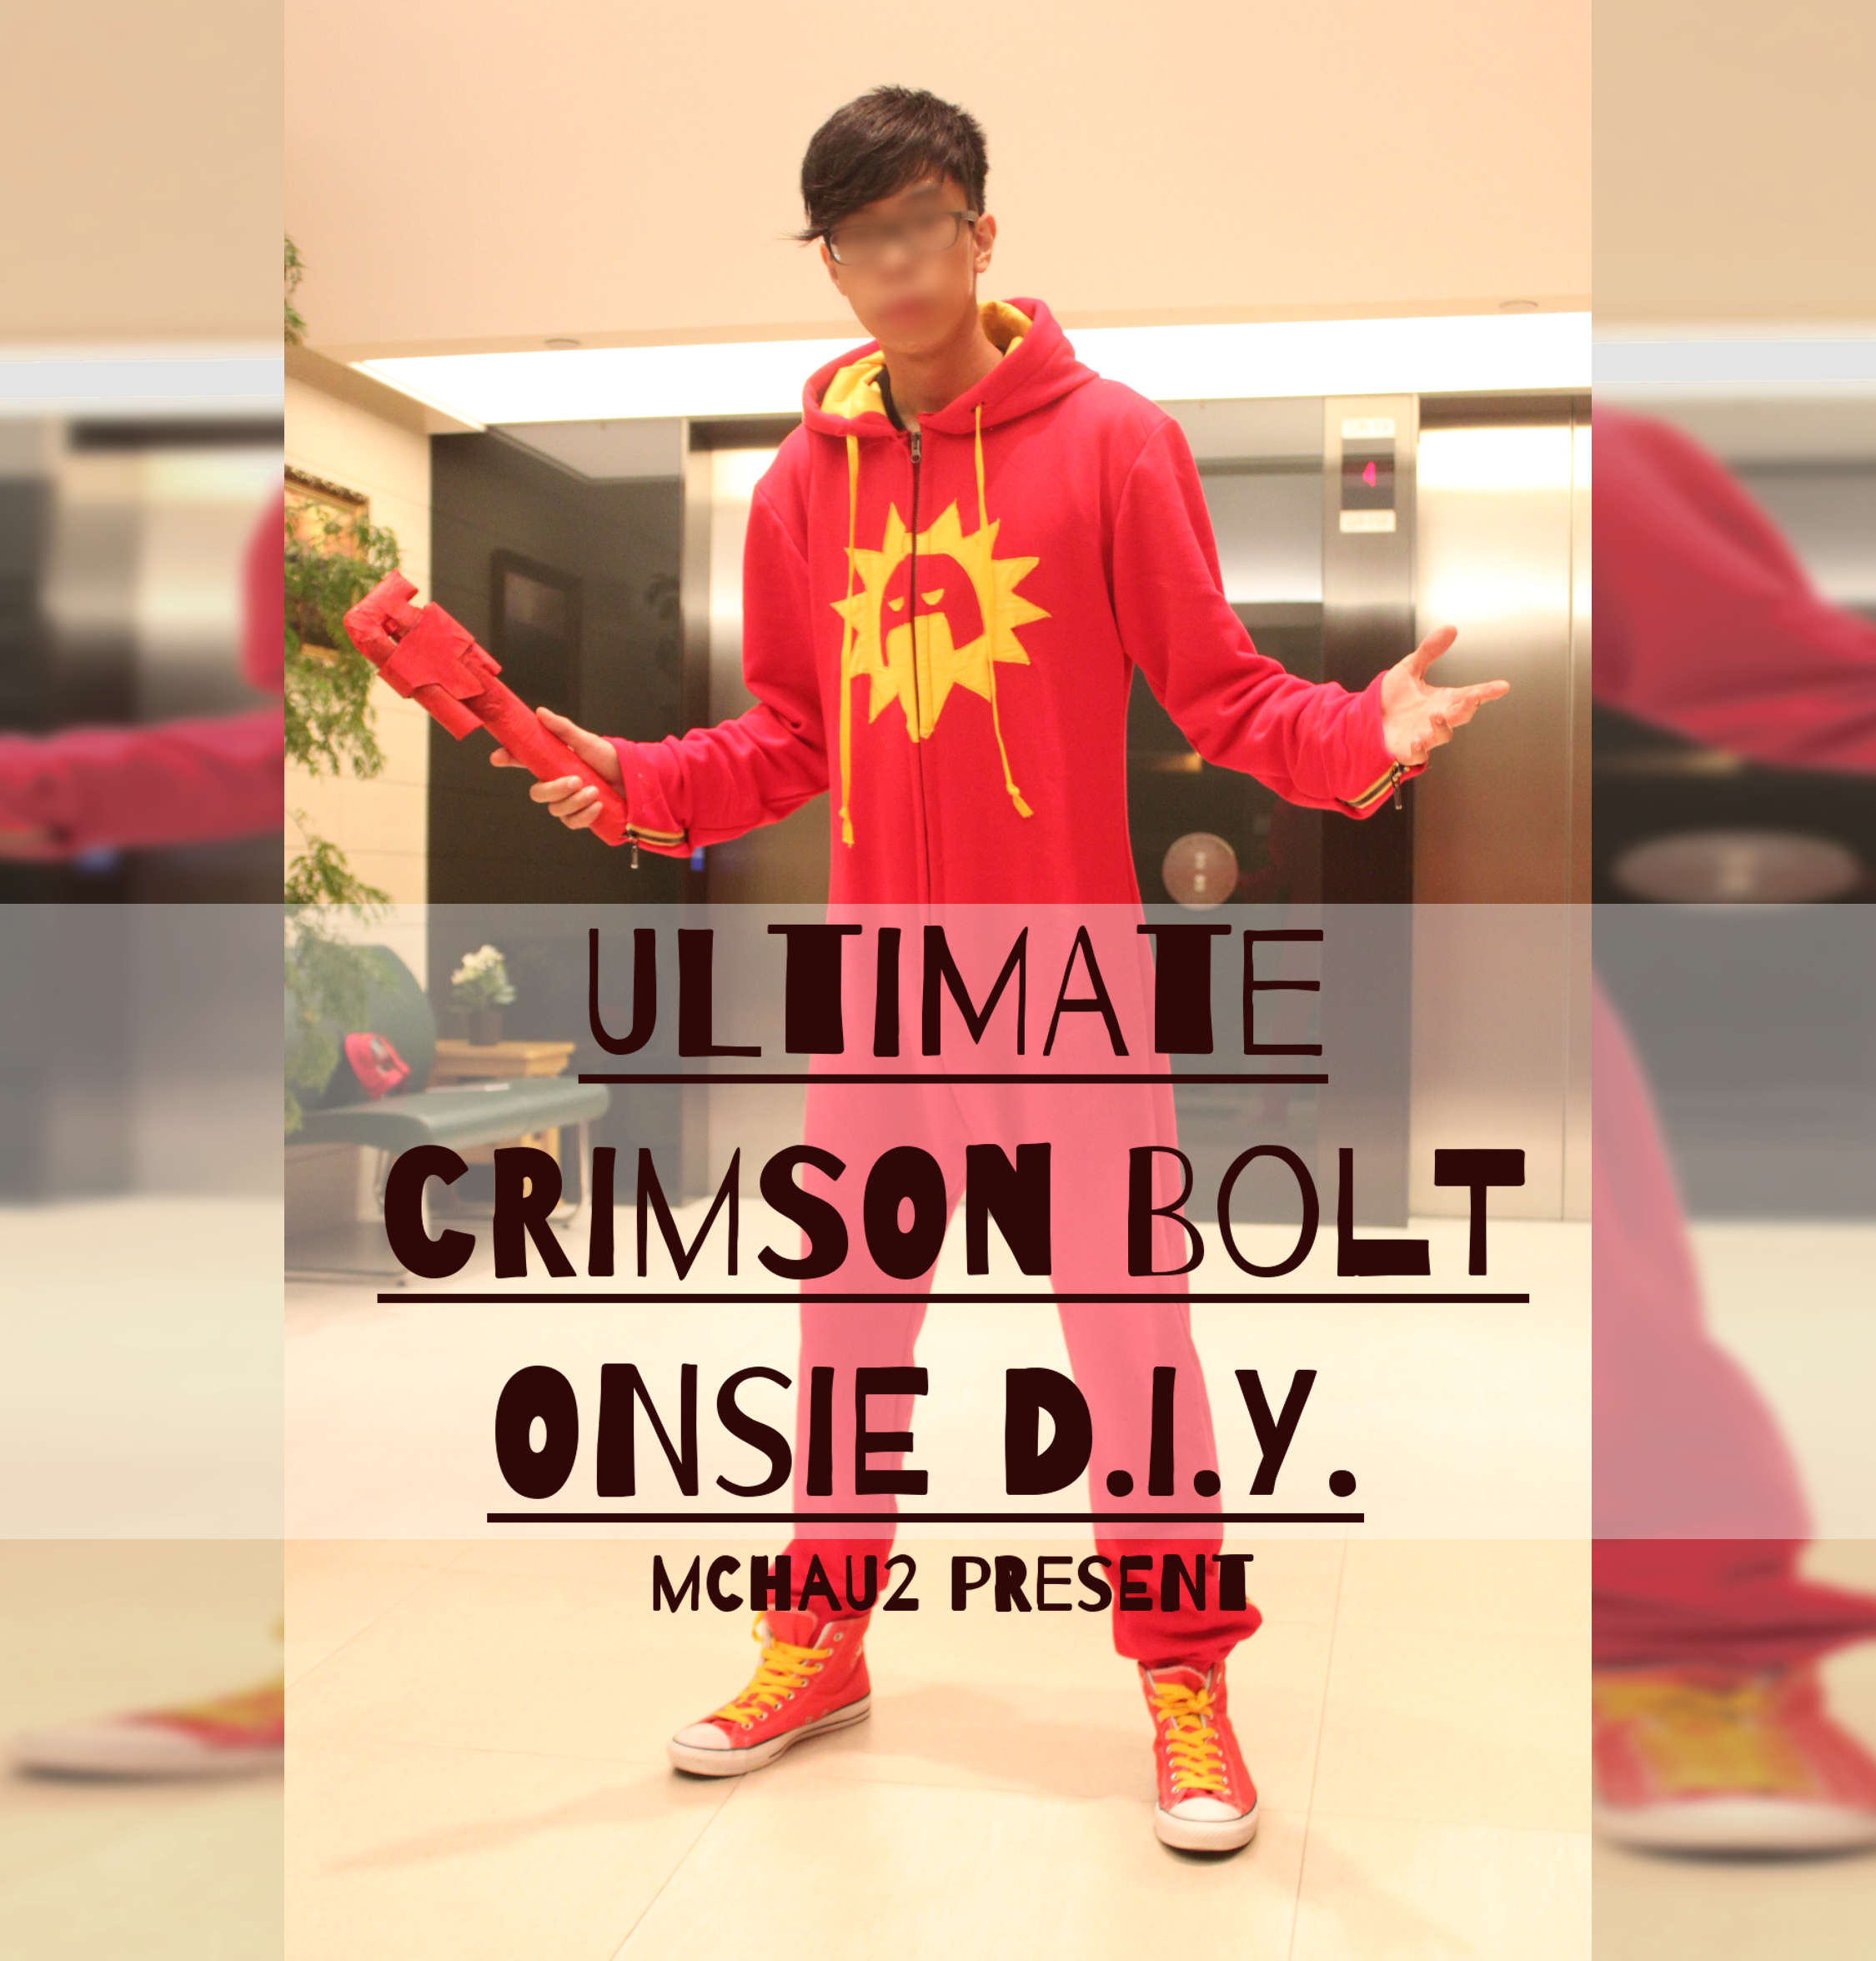 Ultimate Crimson Bolt Onsie D.I.Y.